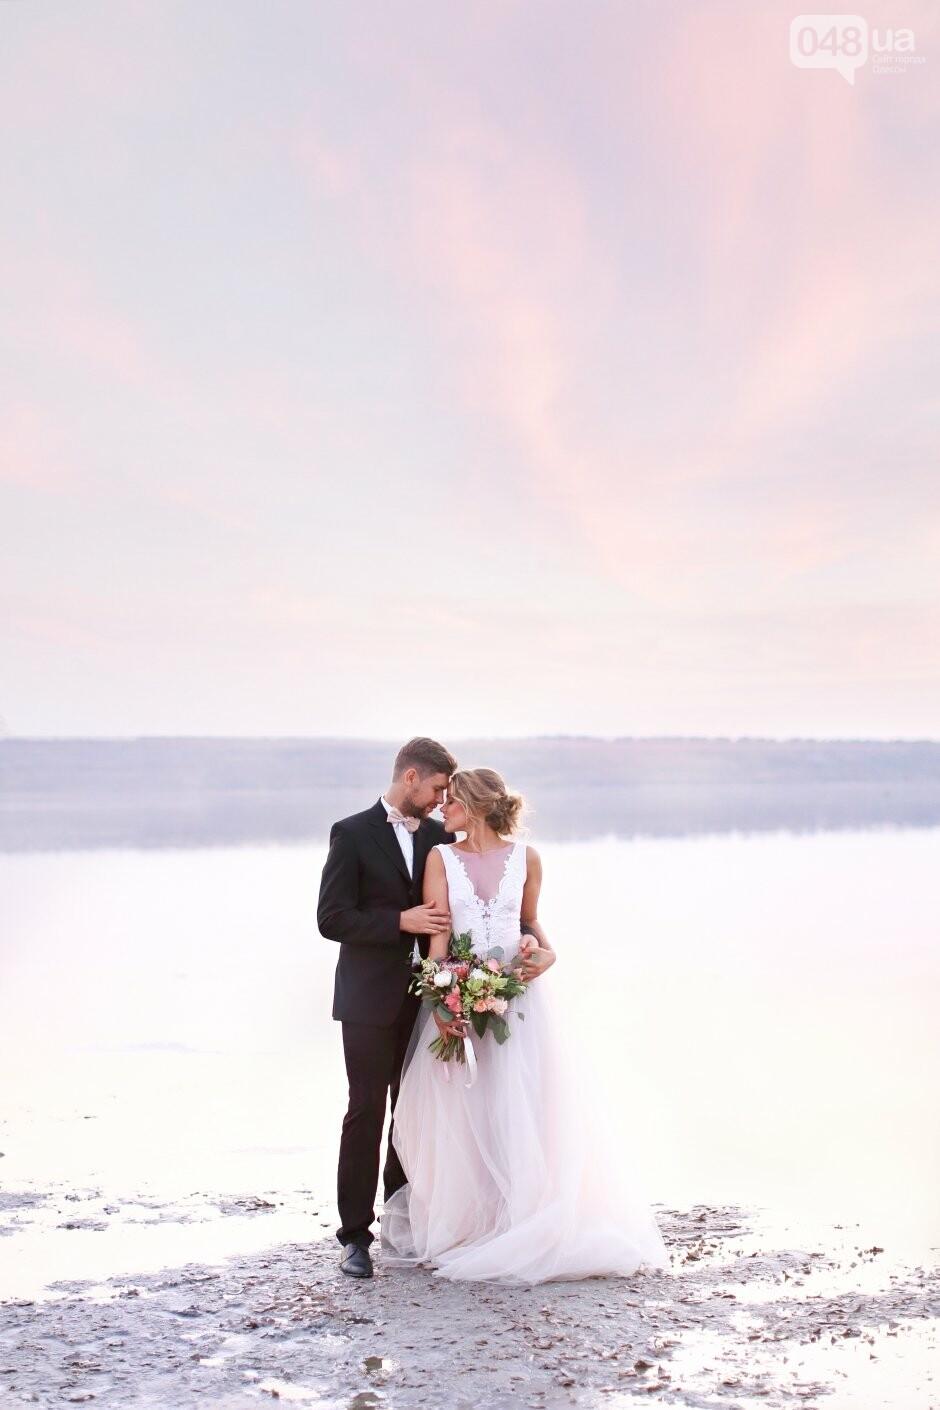 Места для свадебной фотосессии в Одессе: красивые локации для особенного дня, фото-5